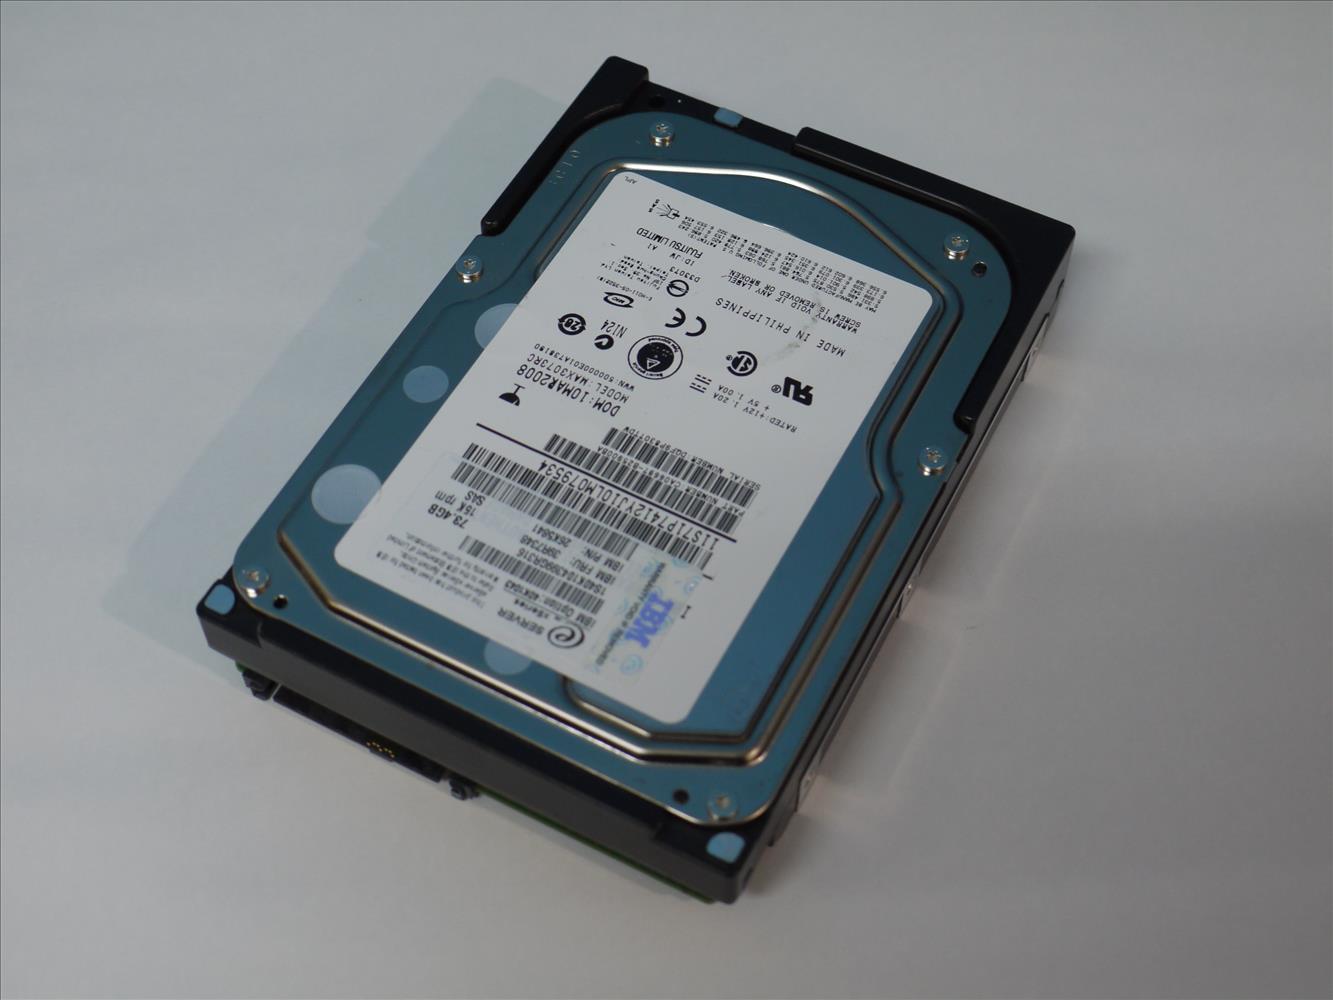 40K1049 IBM 73GB 15000rpm 3.5インチ SAS 3.0 Gbps 【中古】【送料無料セール中! (大型商品は対象外)】